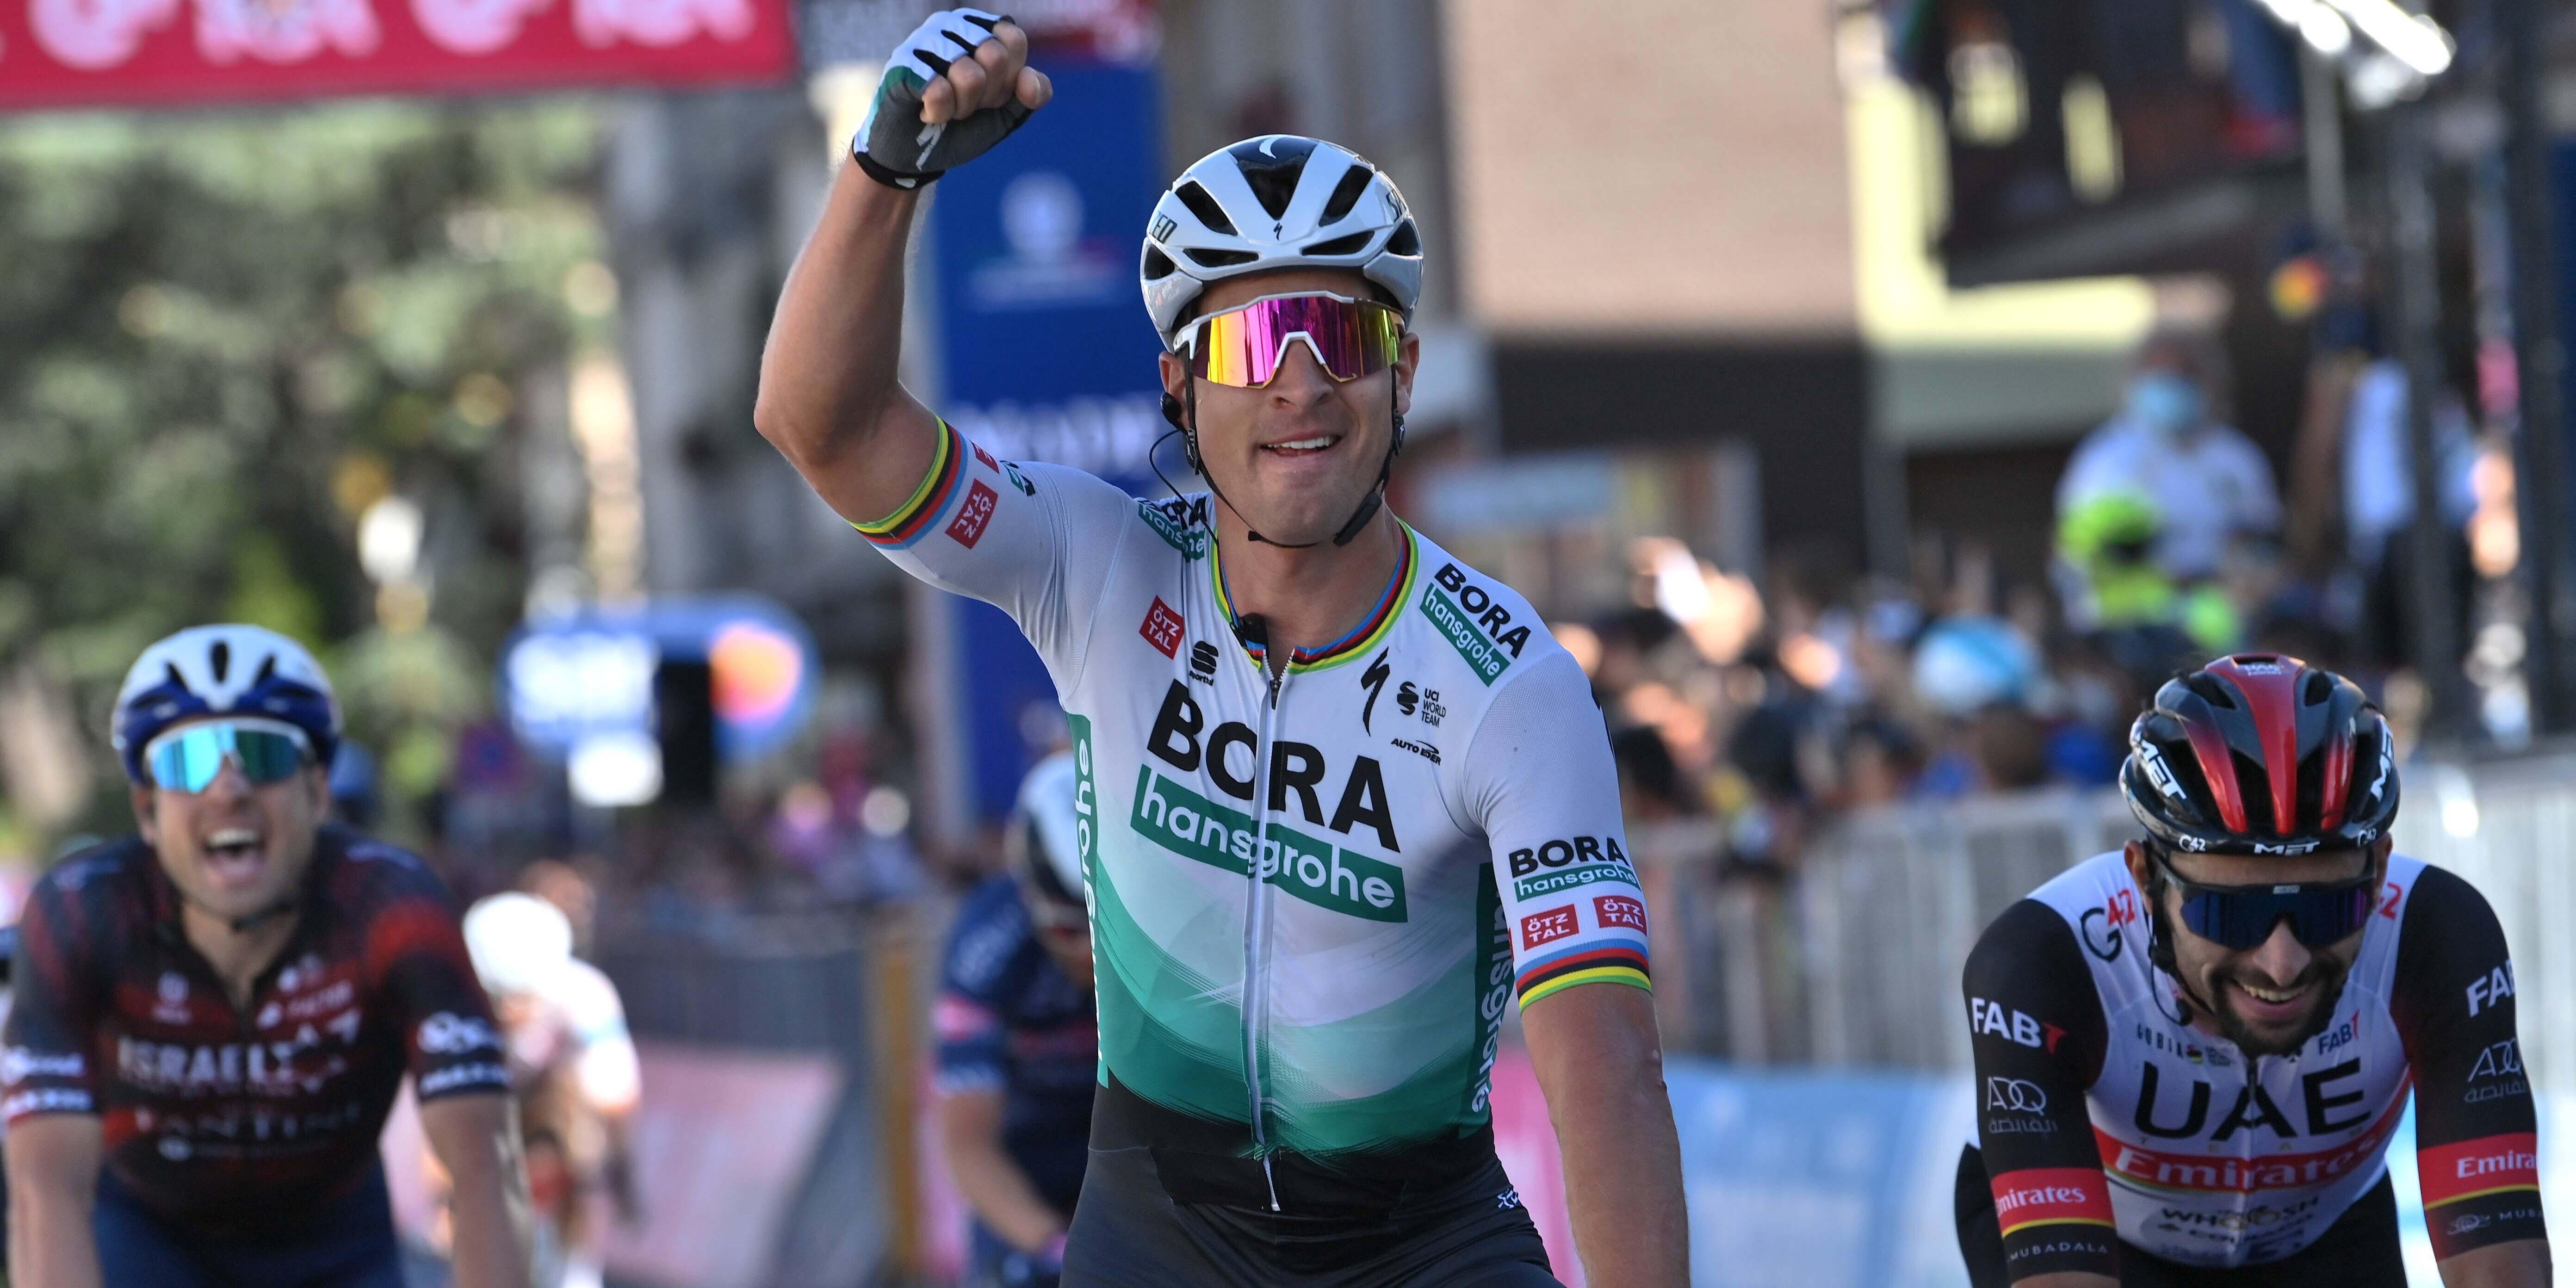 Peter Sagan vince la tappa 10 del Giro d'Italia! Egan Bernal sempre in Rosa